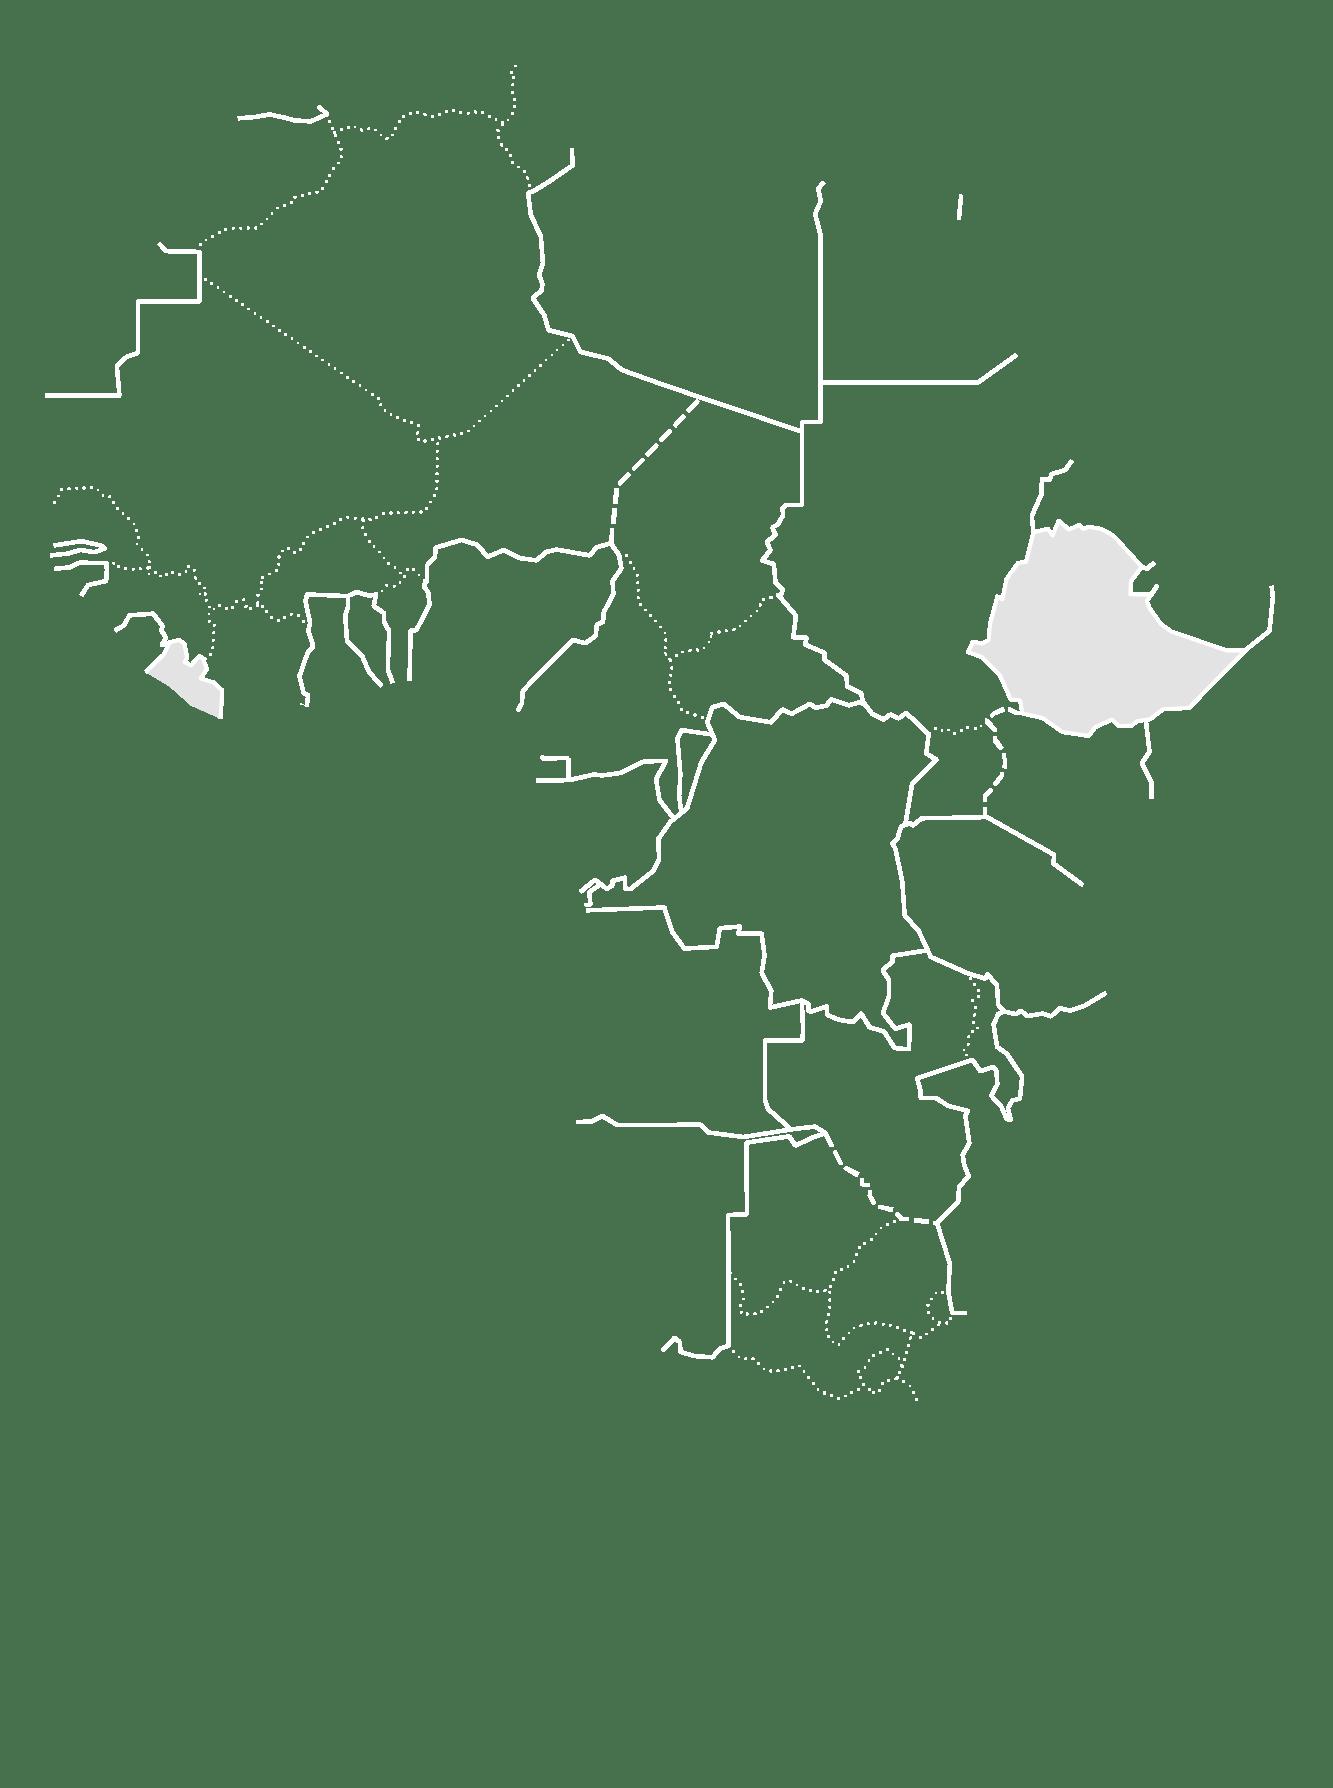 États indépendants